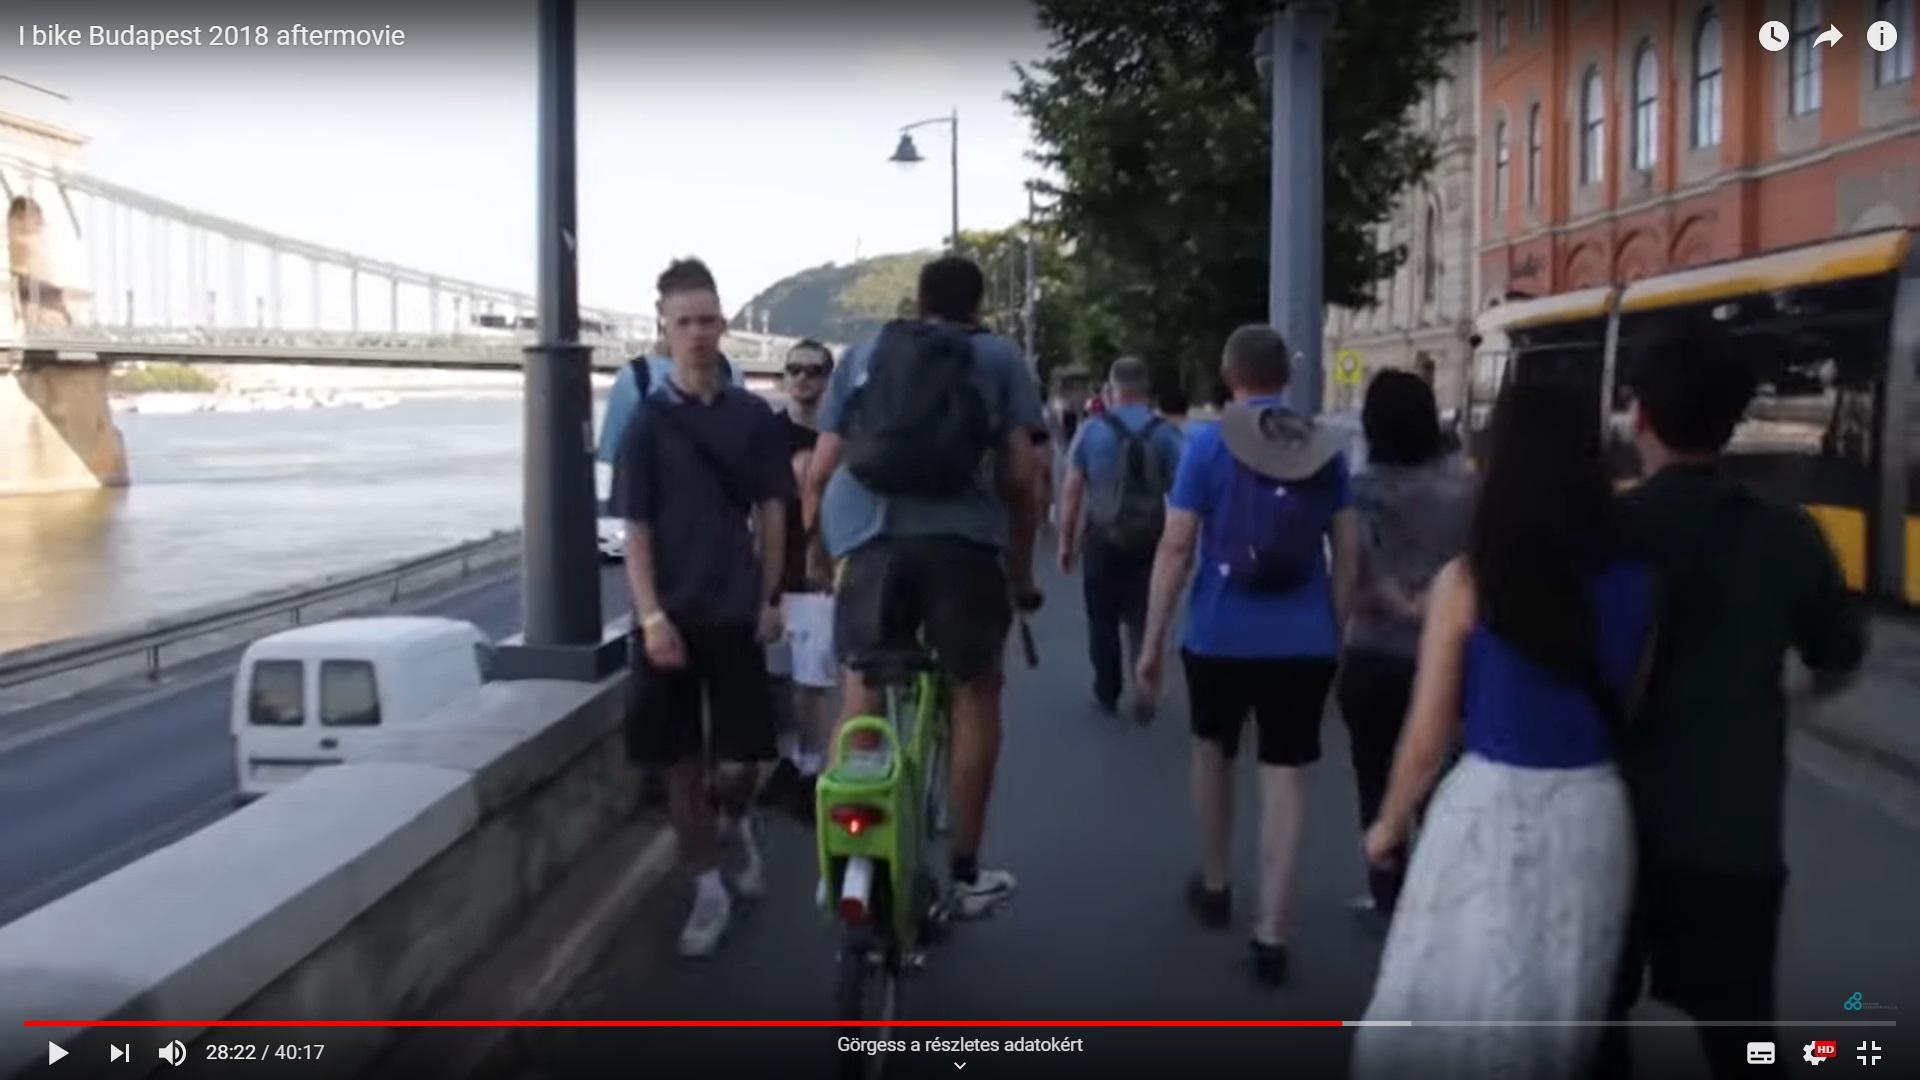 """A dunaparti """"bringasztráda"""" és a gyalogosok """"ellentéteiről"""" adtunk elő a Budavári Önkormányzatban"""